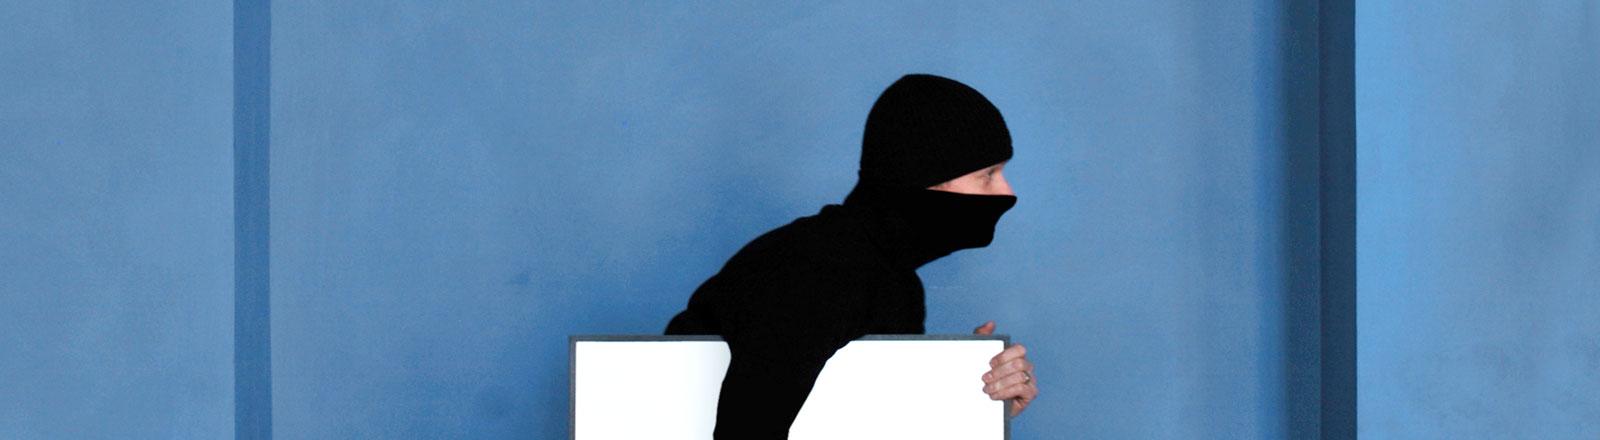 Maskierter Mann trägt ein weißes Bild davon